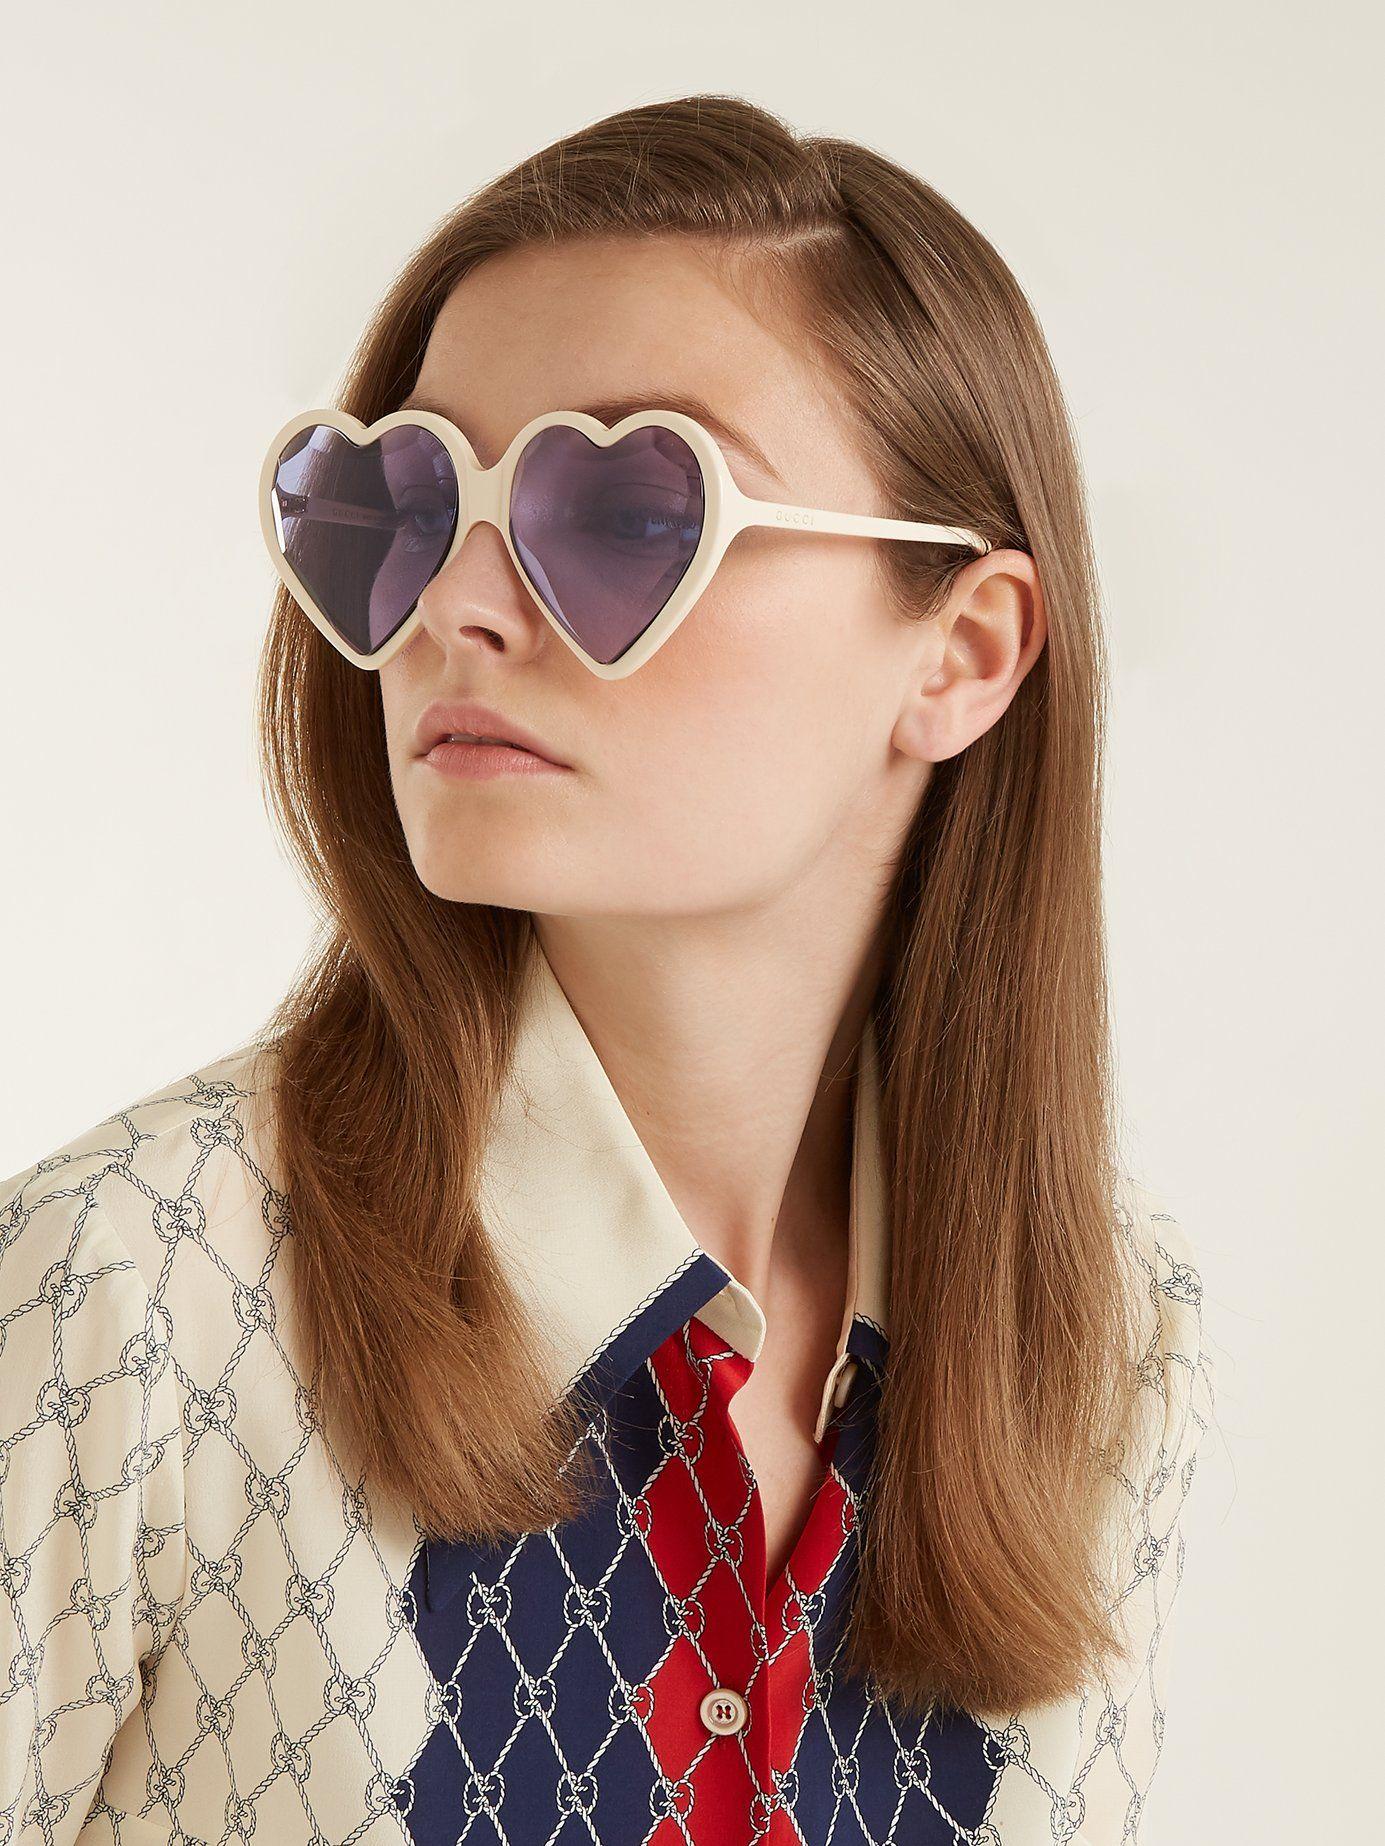 f883478774 Heart-shaped frame sunglasses